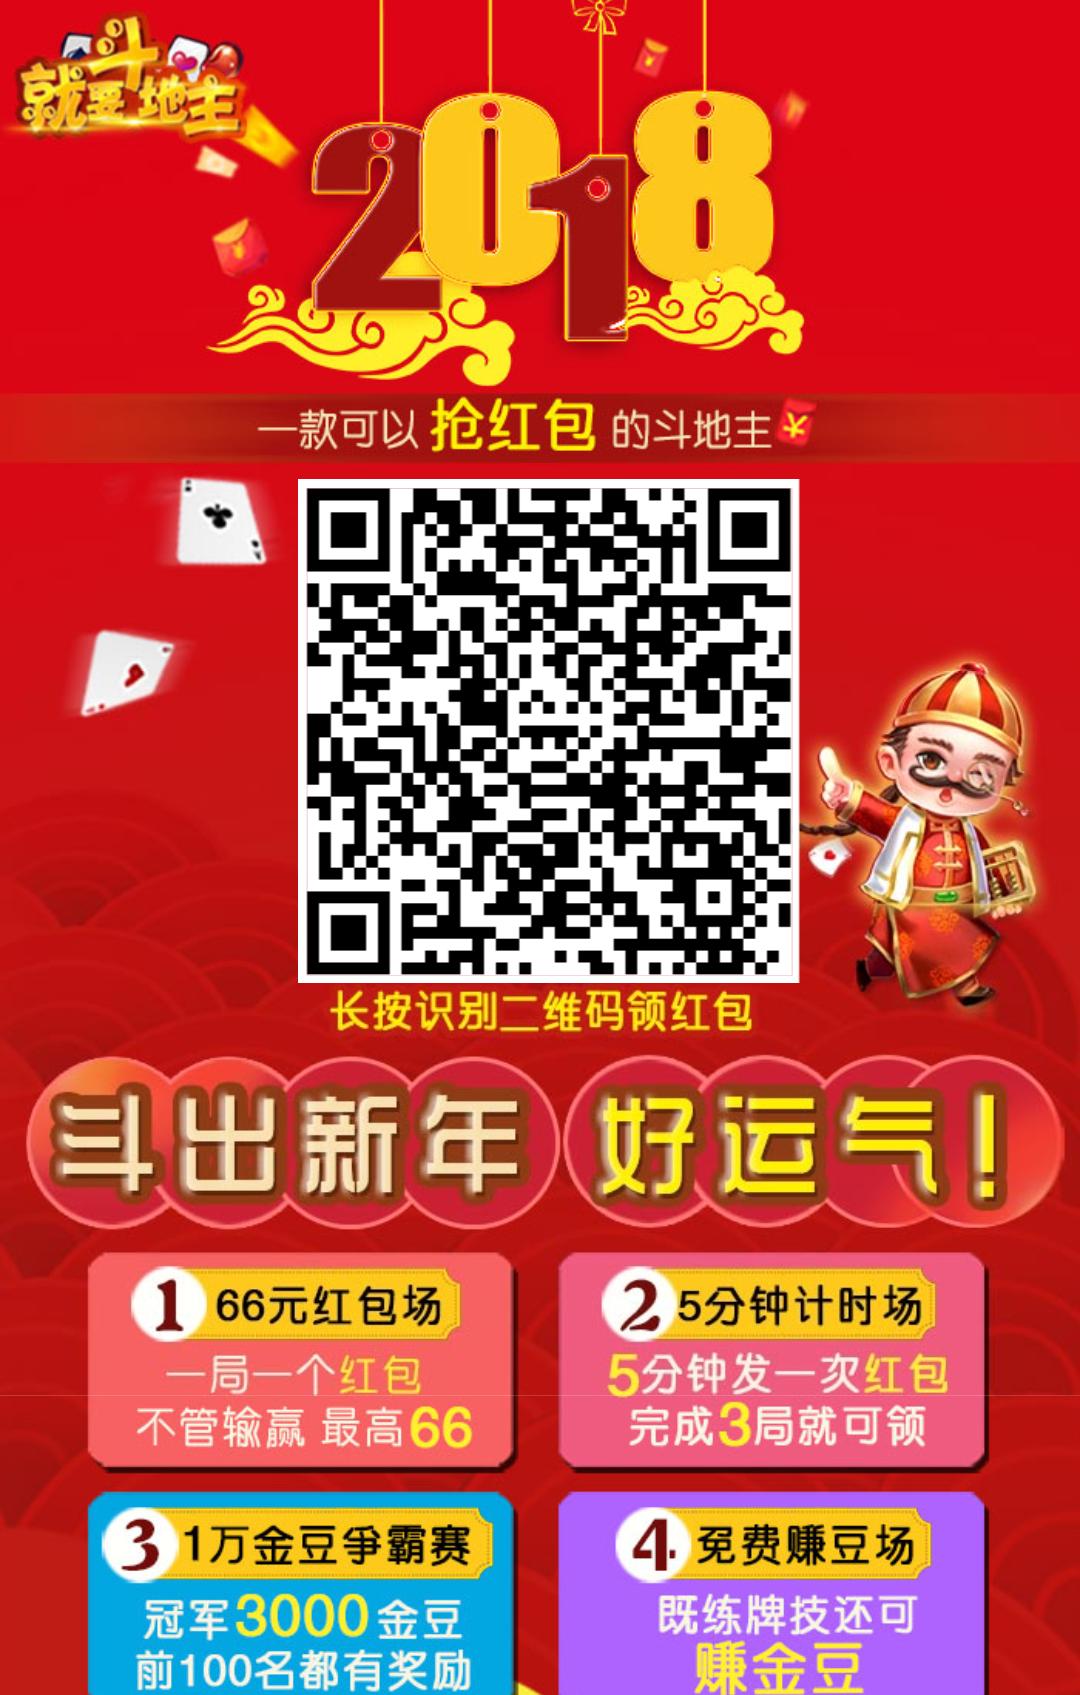 用手机斗地主赚钱日入50元?推荐就要斗地主棋牌游戏